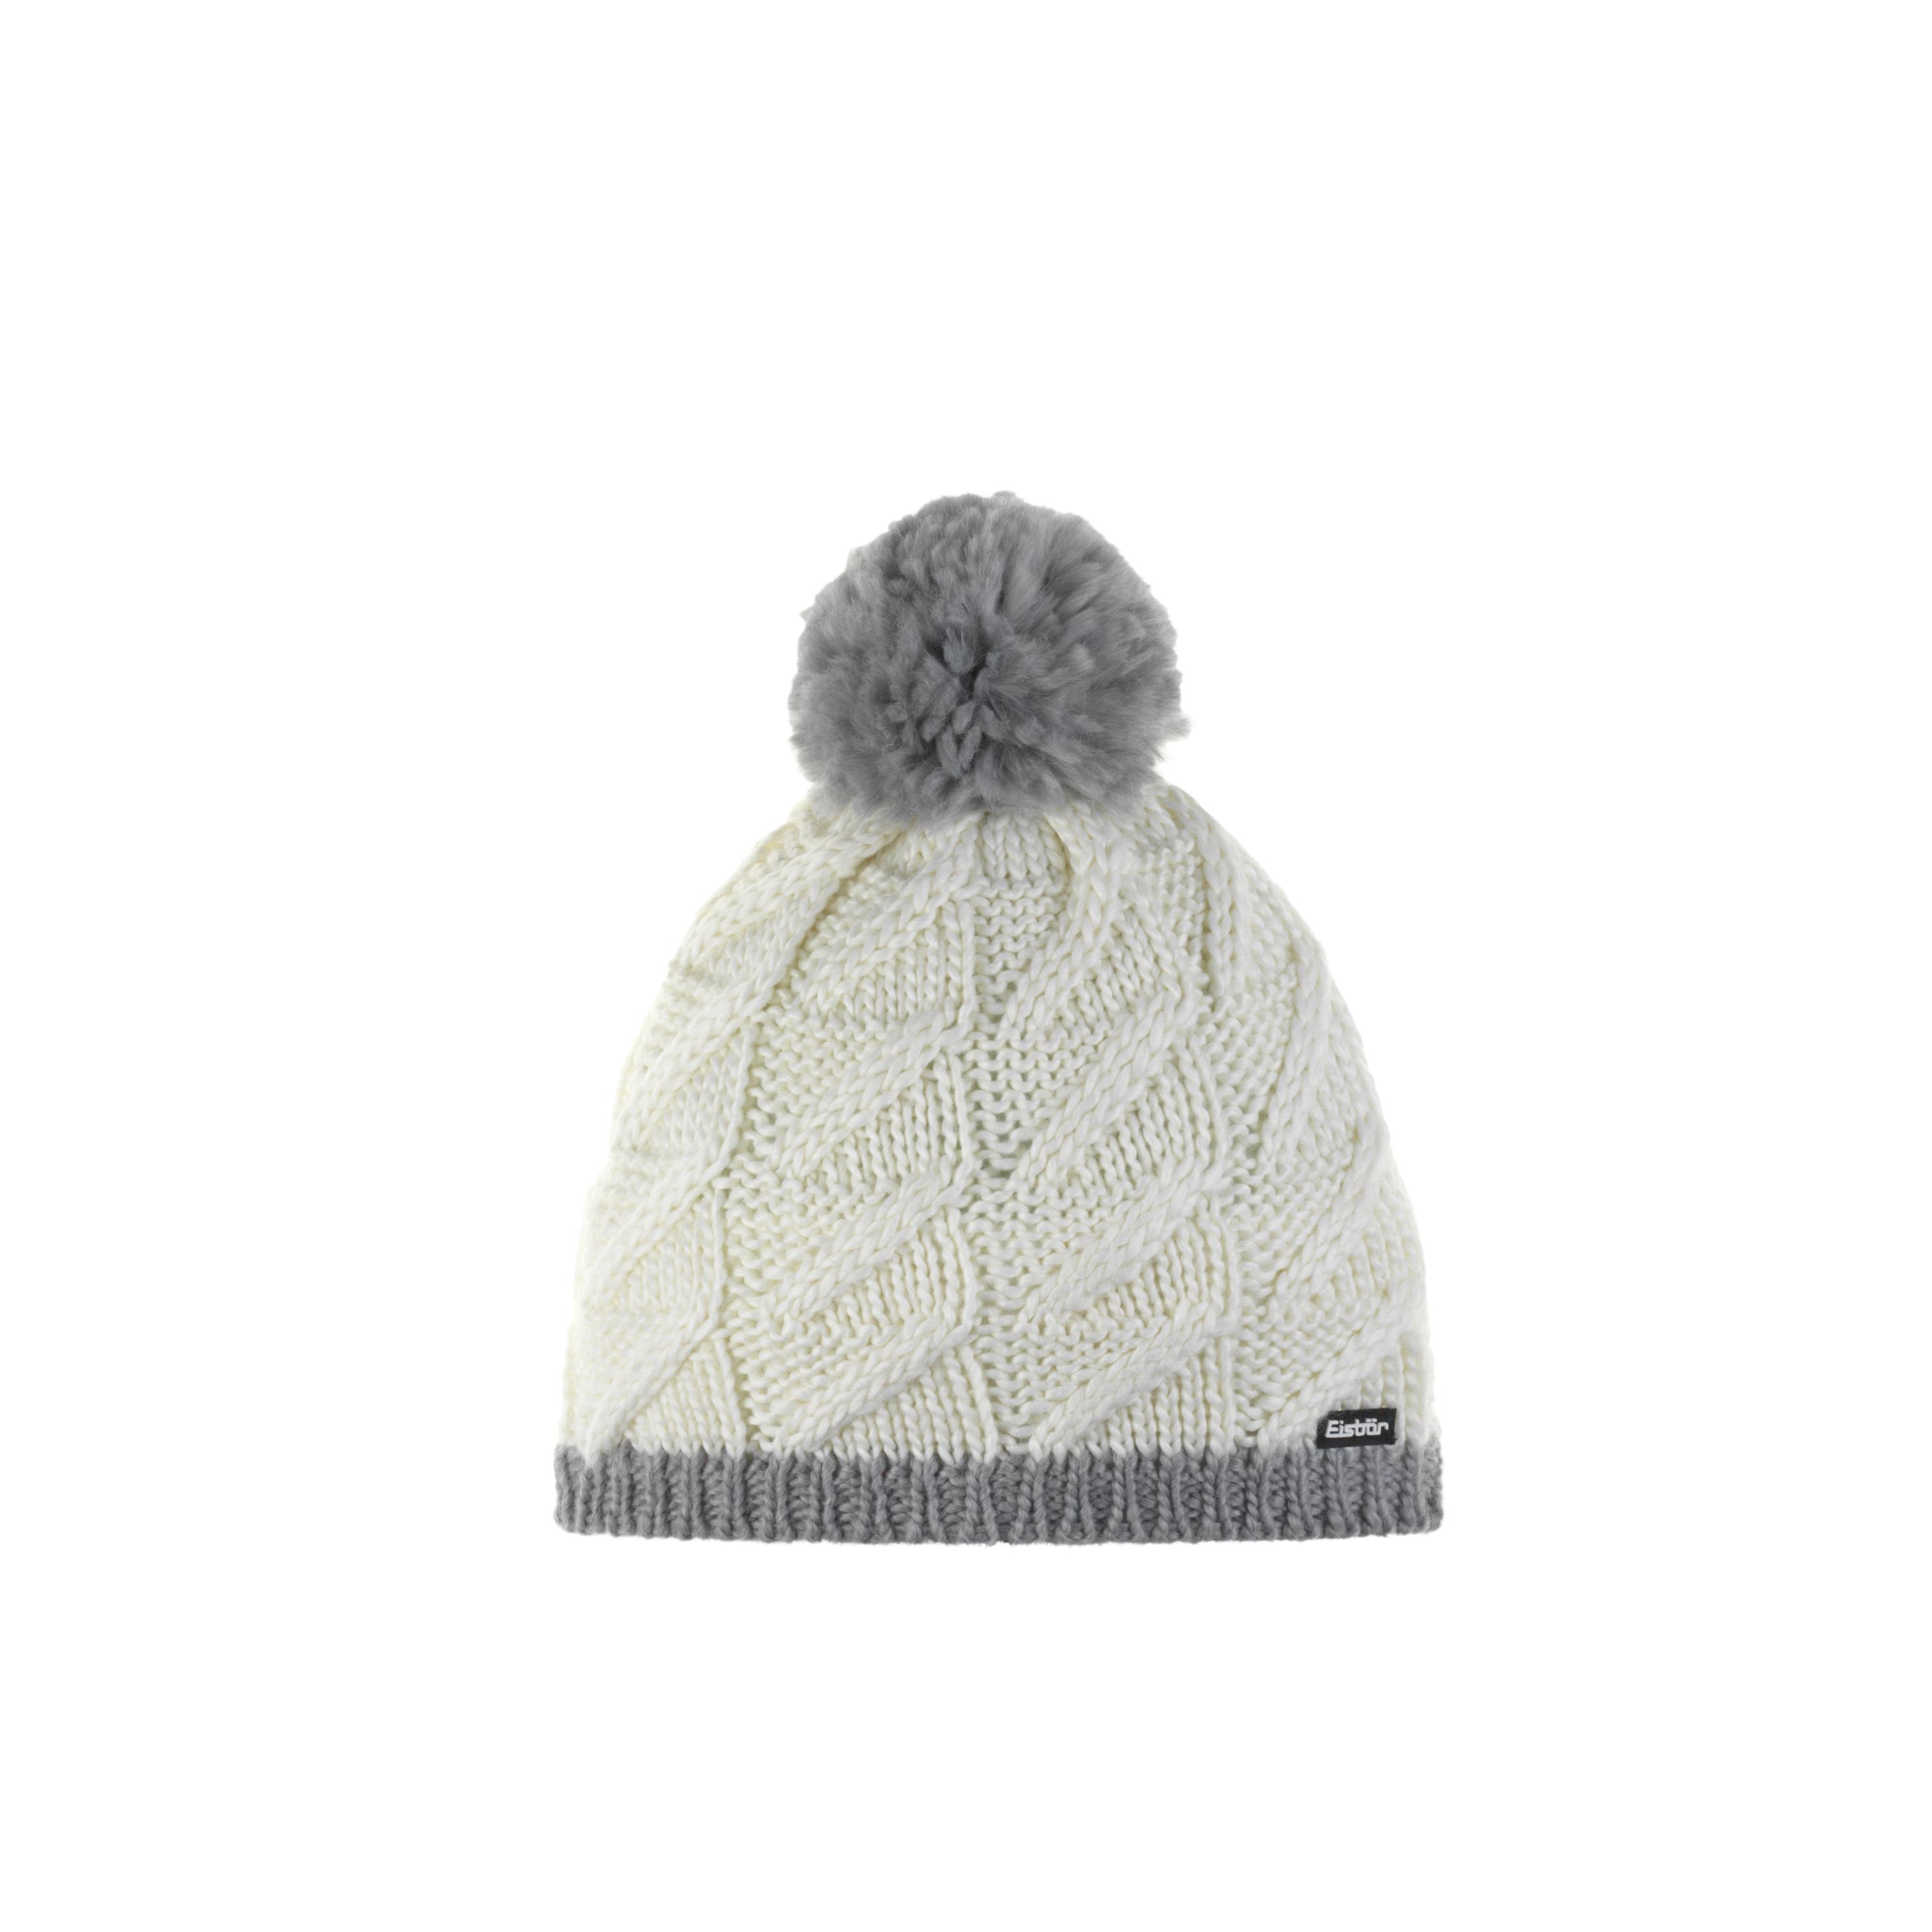 Eisbär Asteria Pompon Mütze - weiß